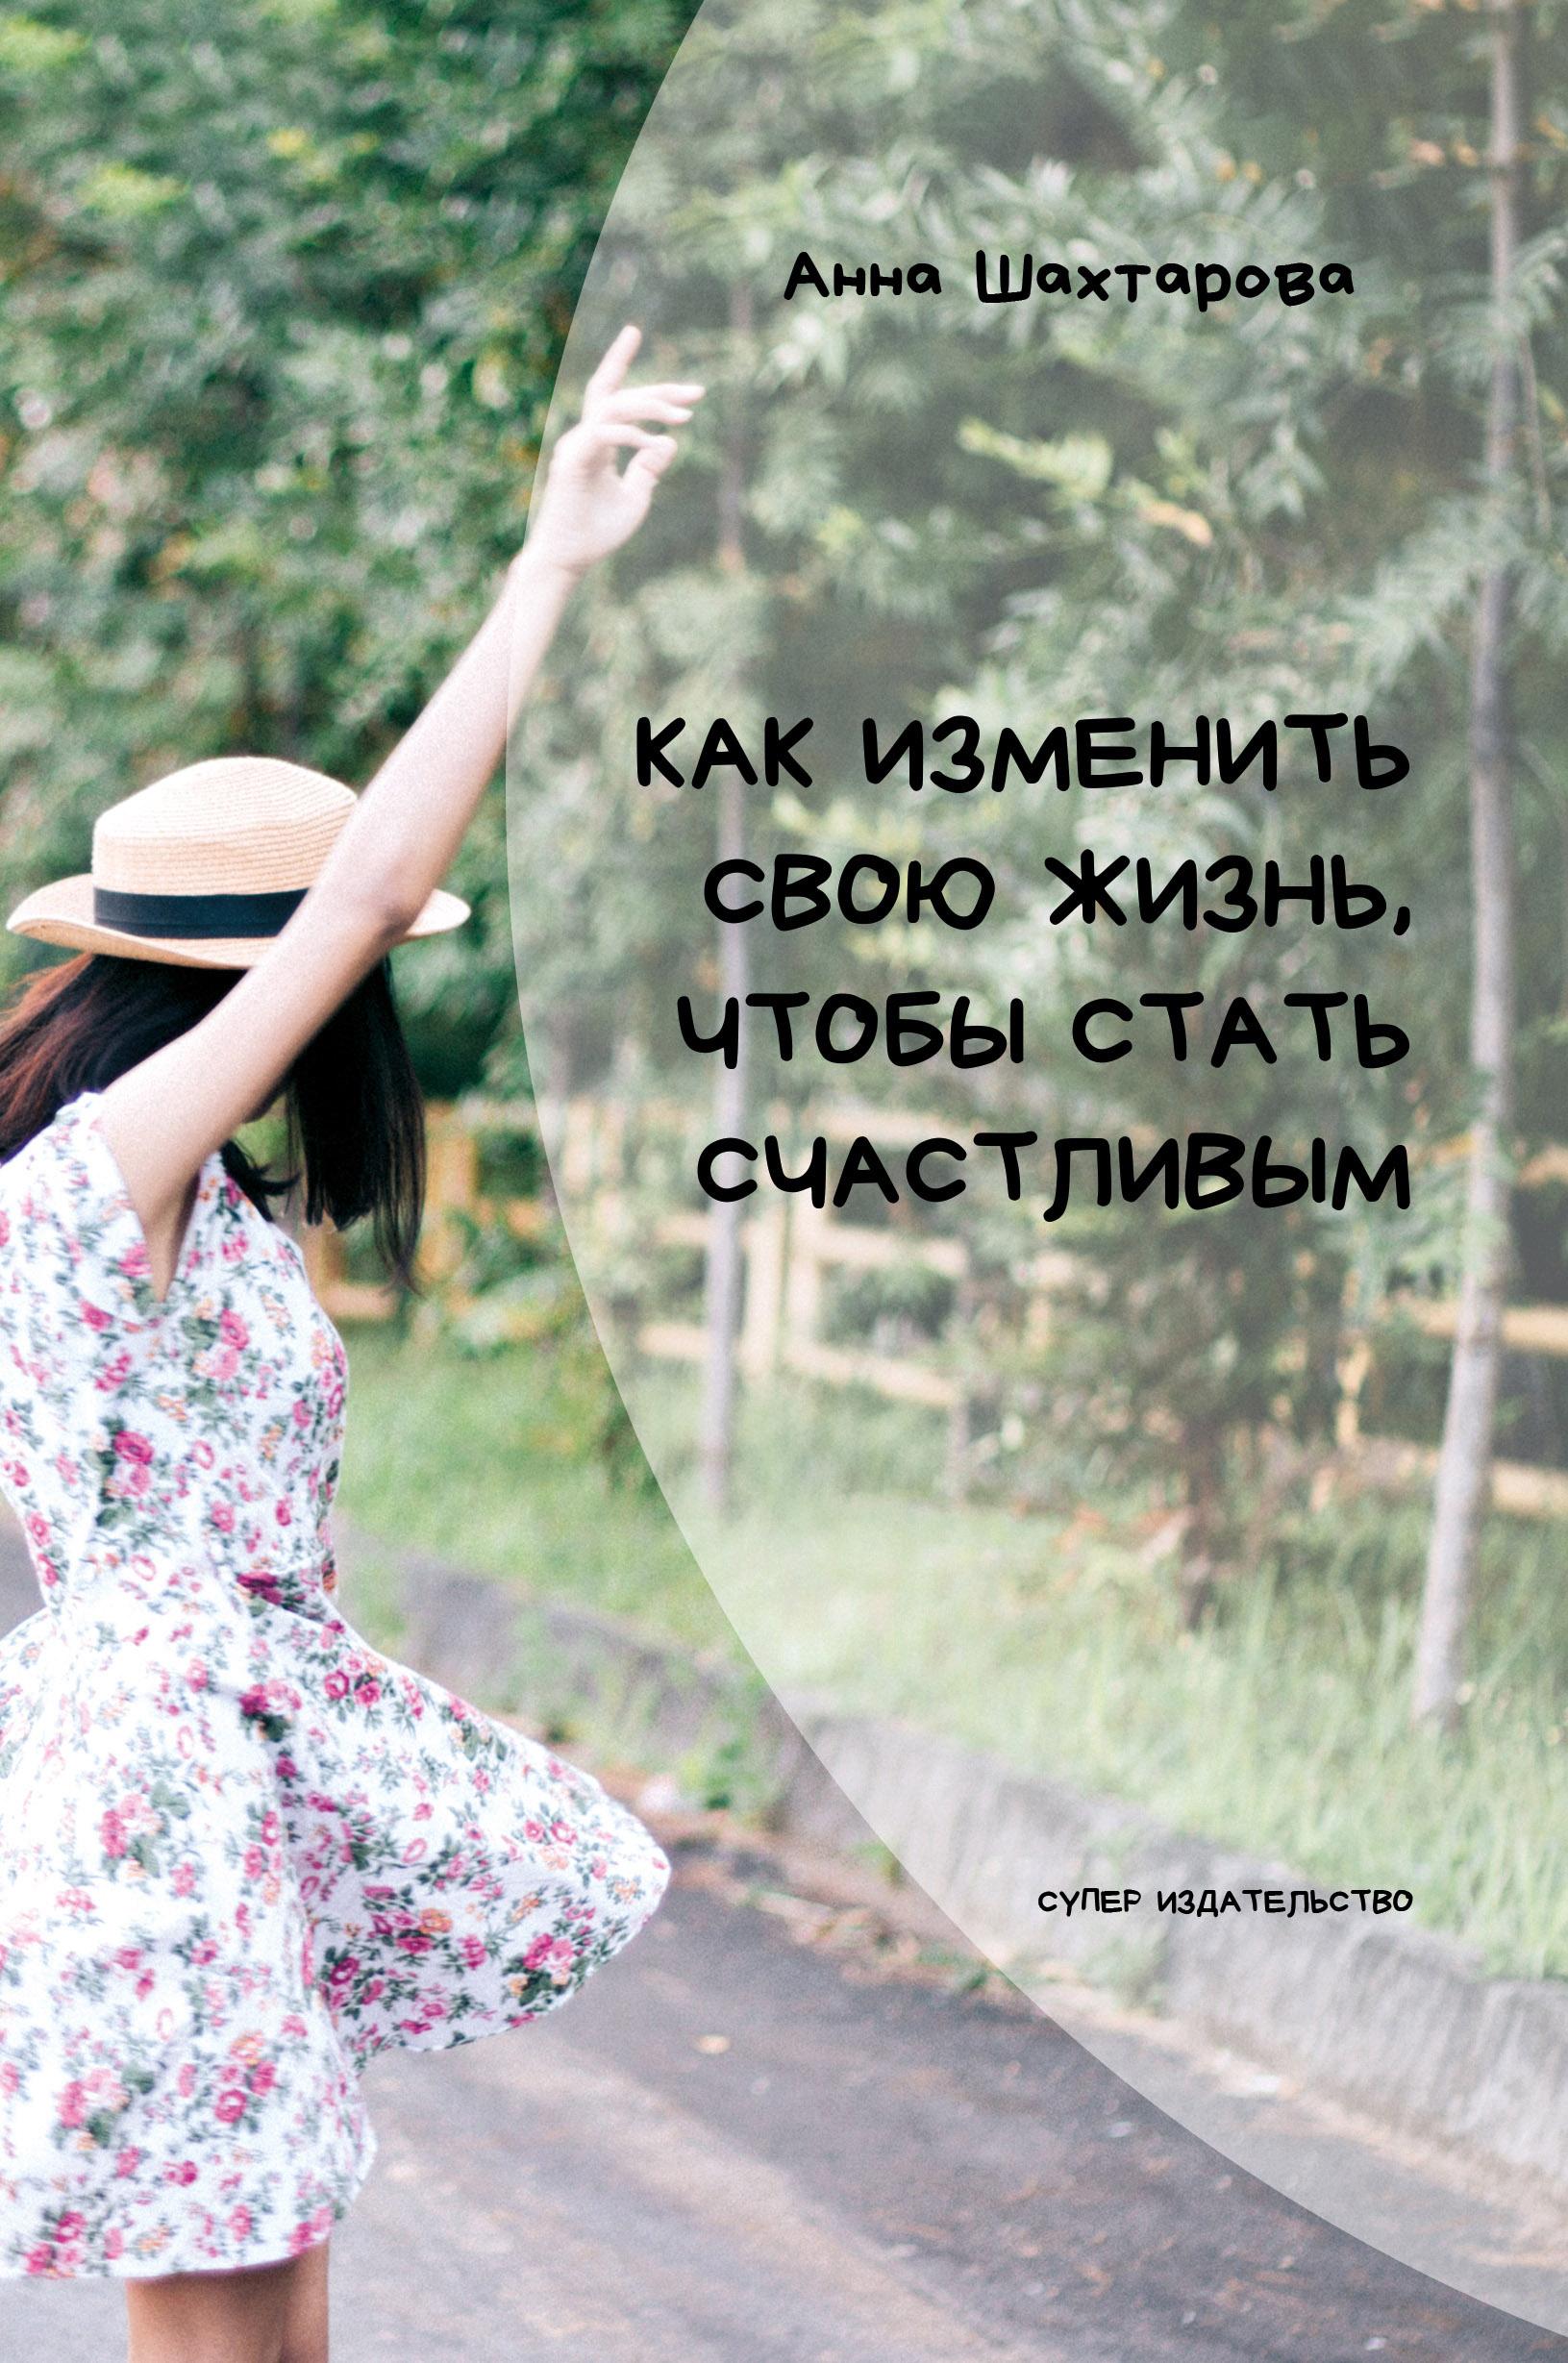 Анна Шахтарова Как изменить свою жизнь, чтобы стать счастливым. Психология личностного роста алексанова м линии на ладони как прочитать свою судьбу и стать счастливым